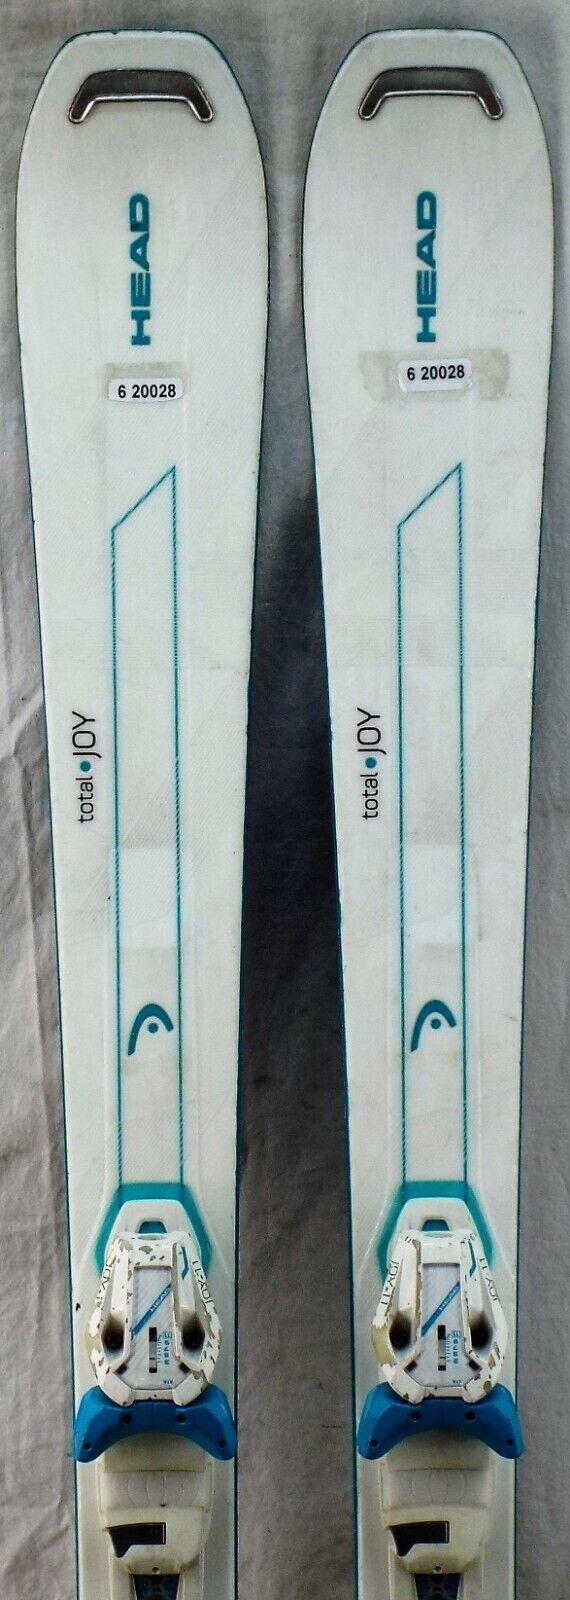 16-17 Kopf Total Joy Used Frau's Demo Skis w Bindings Größe 148cm